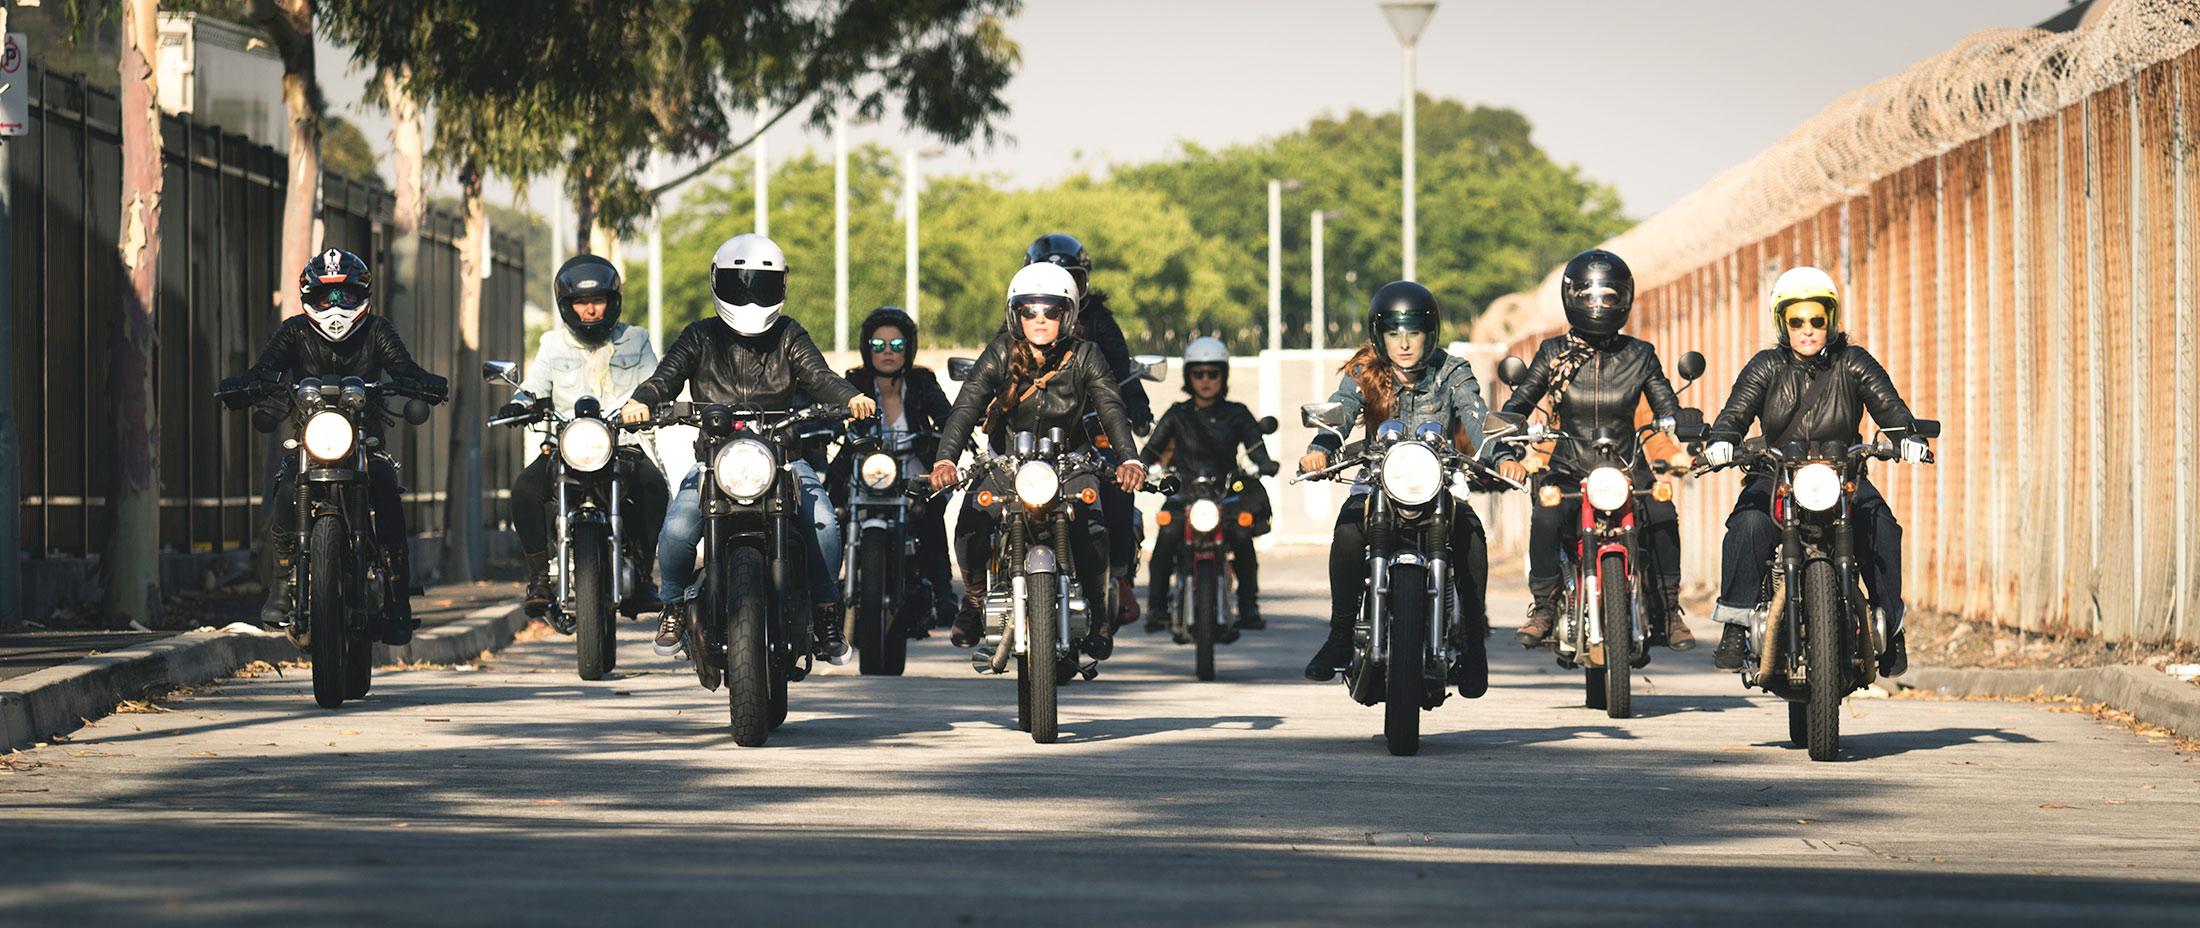 motobuykers – articles de moto et motard pas cher – Dealabs